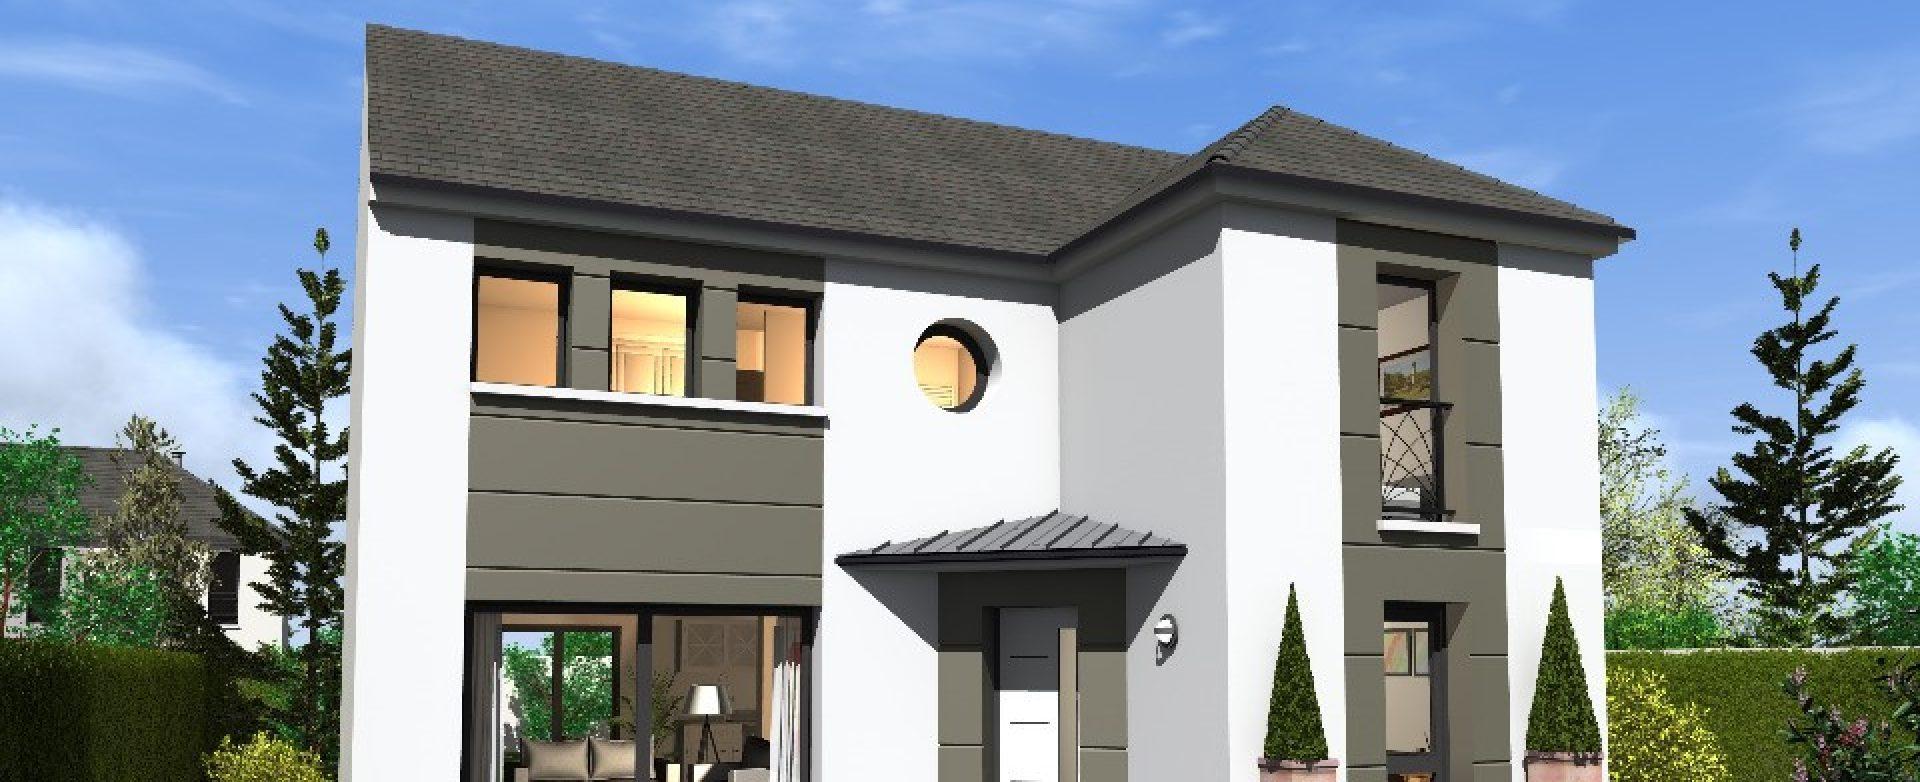 Maison neuve à Montlhéry (91310)